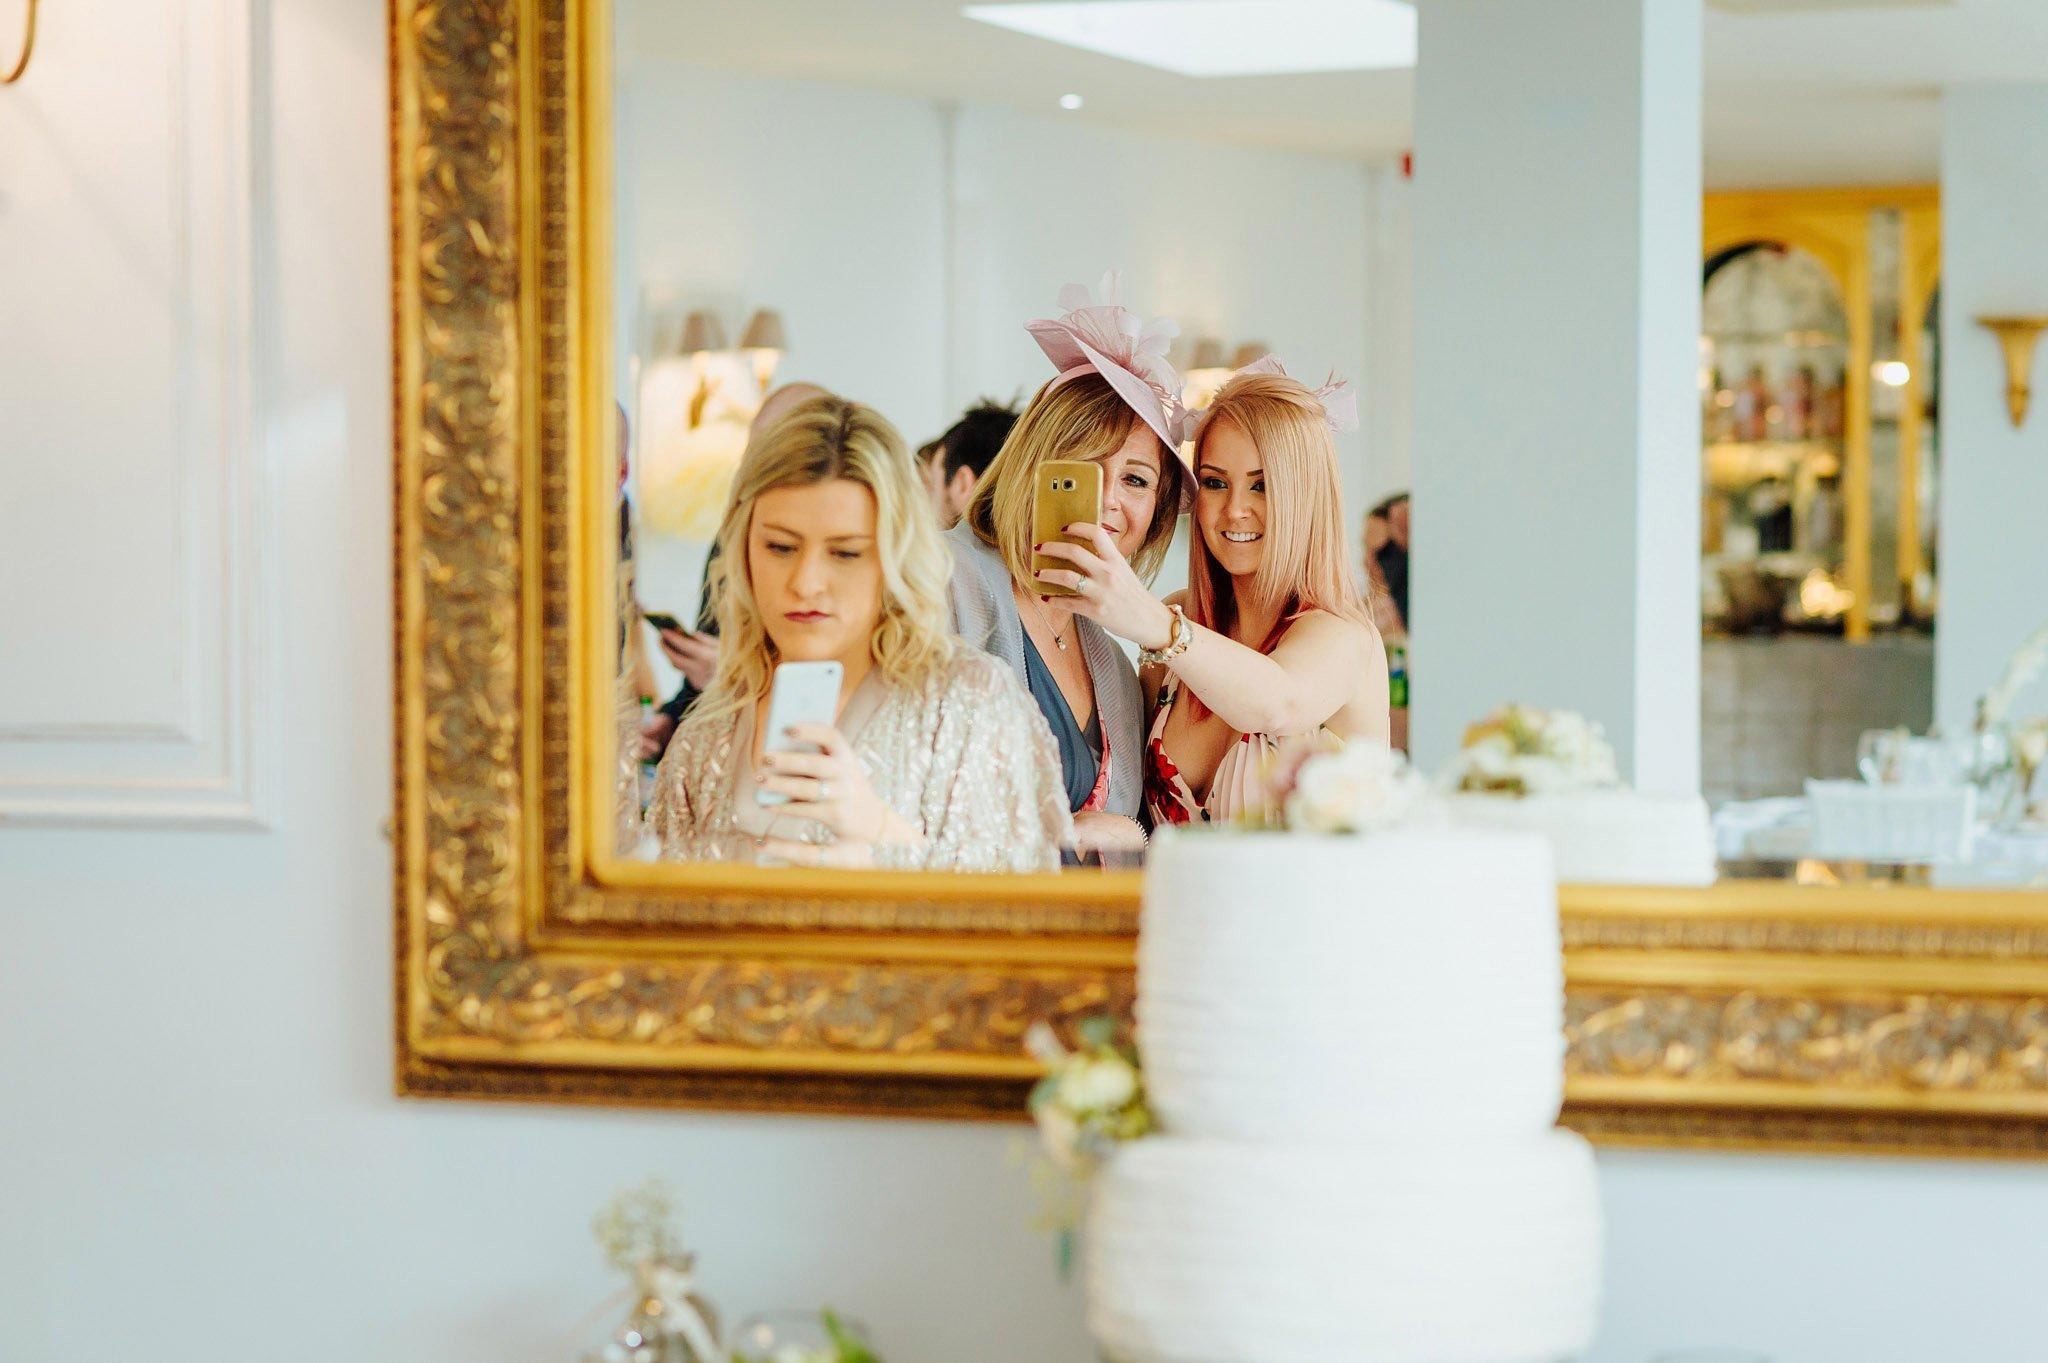 Lemore Manor wedding, Herefordshire - West Midlands | Sadie + Ken 5